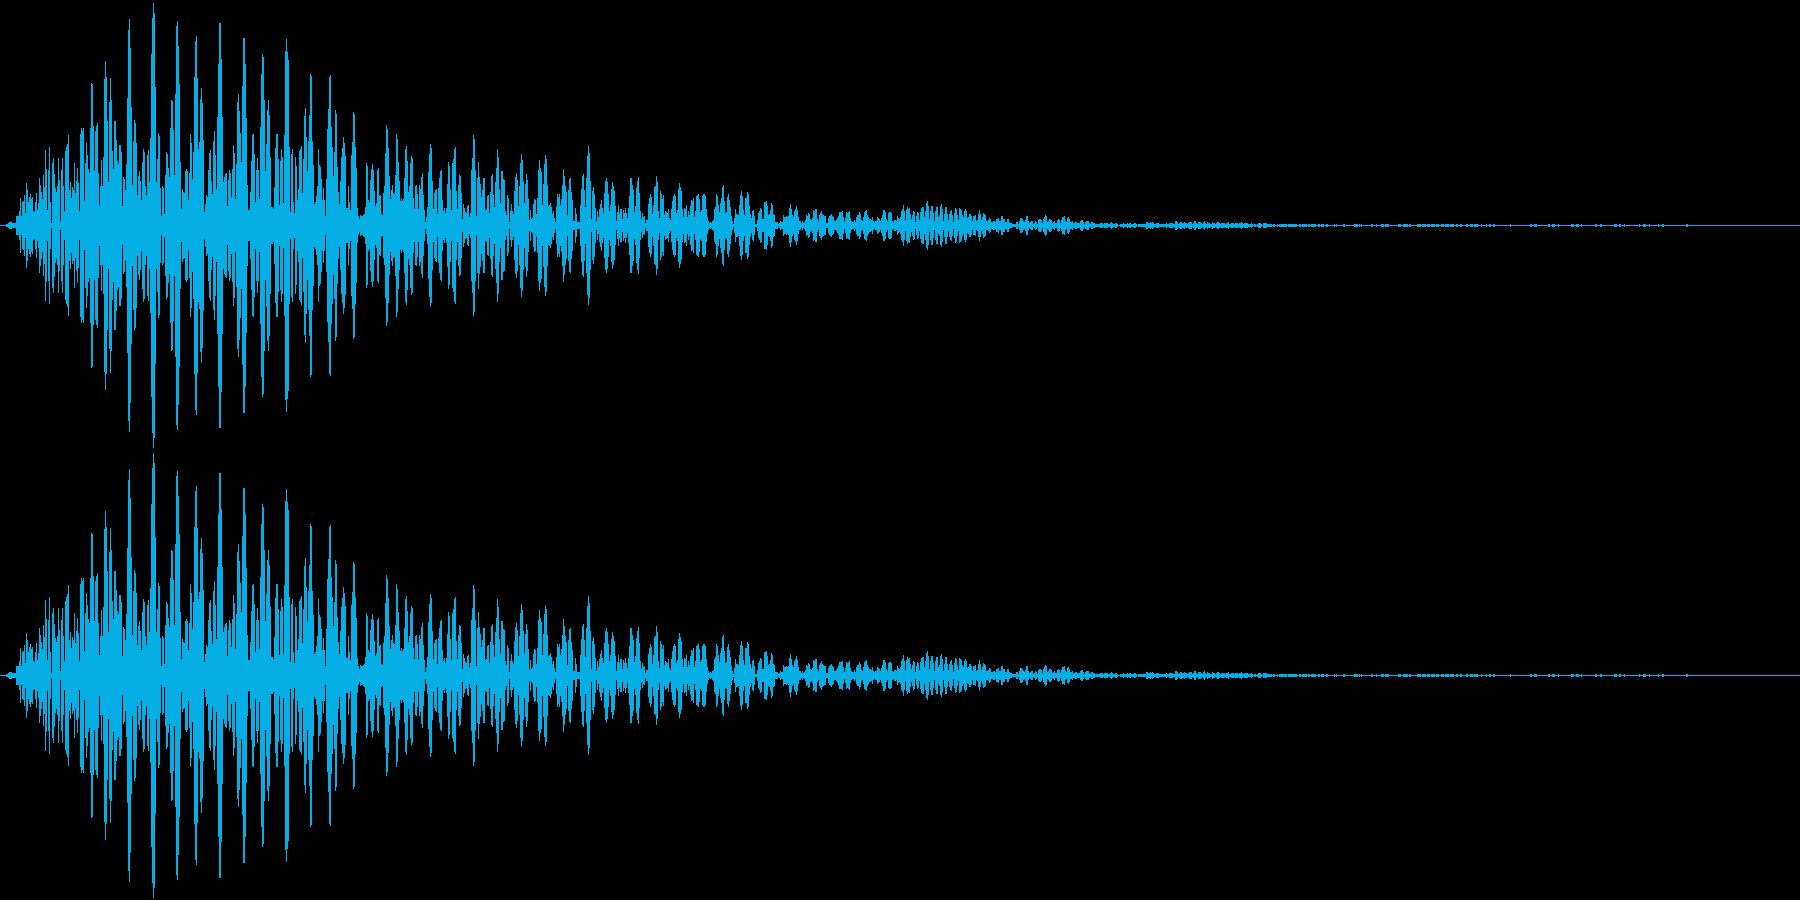 ポンッ(操作音 カーソル音 キャンセル)の再生済みの波形